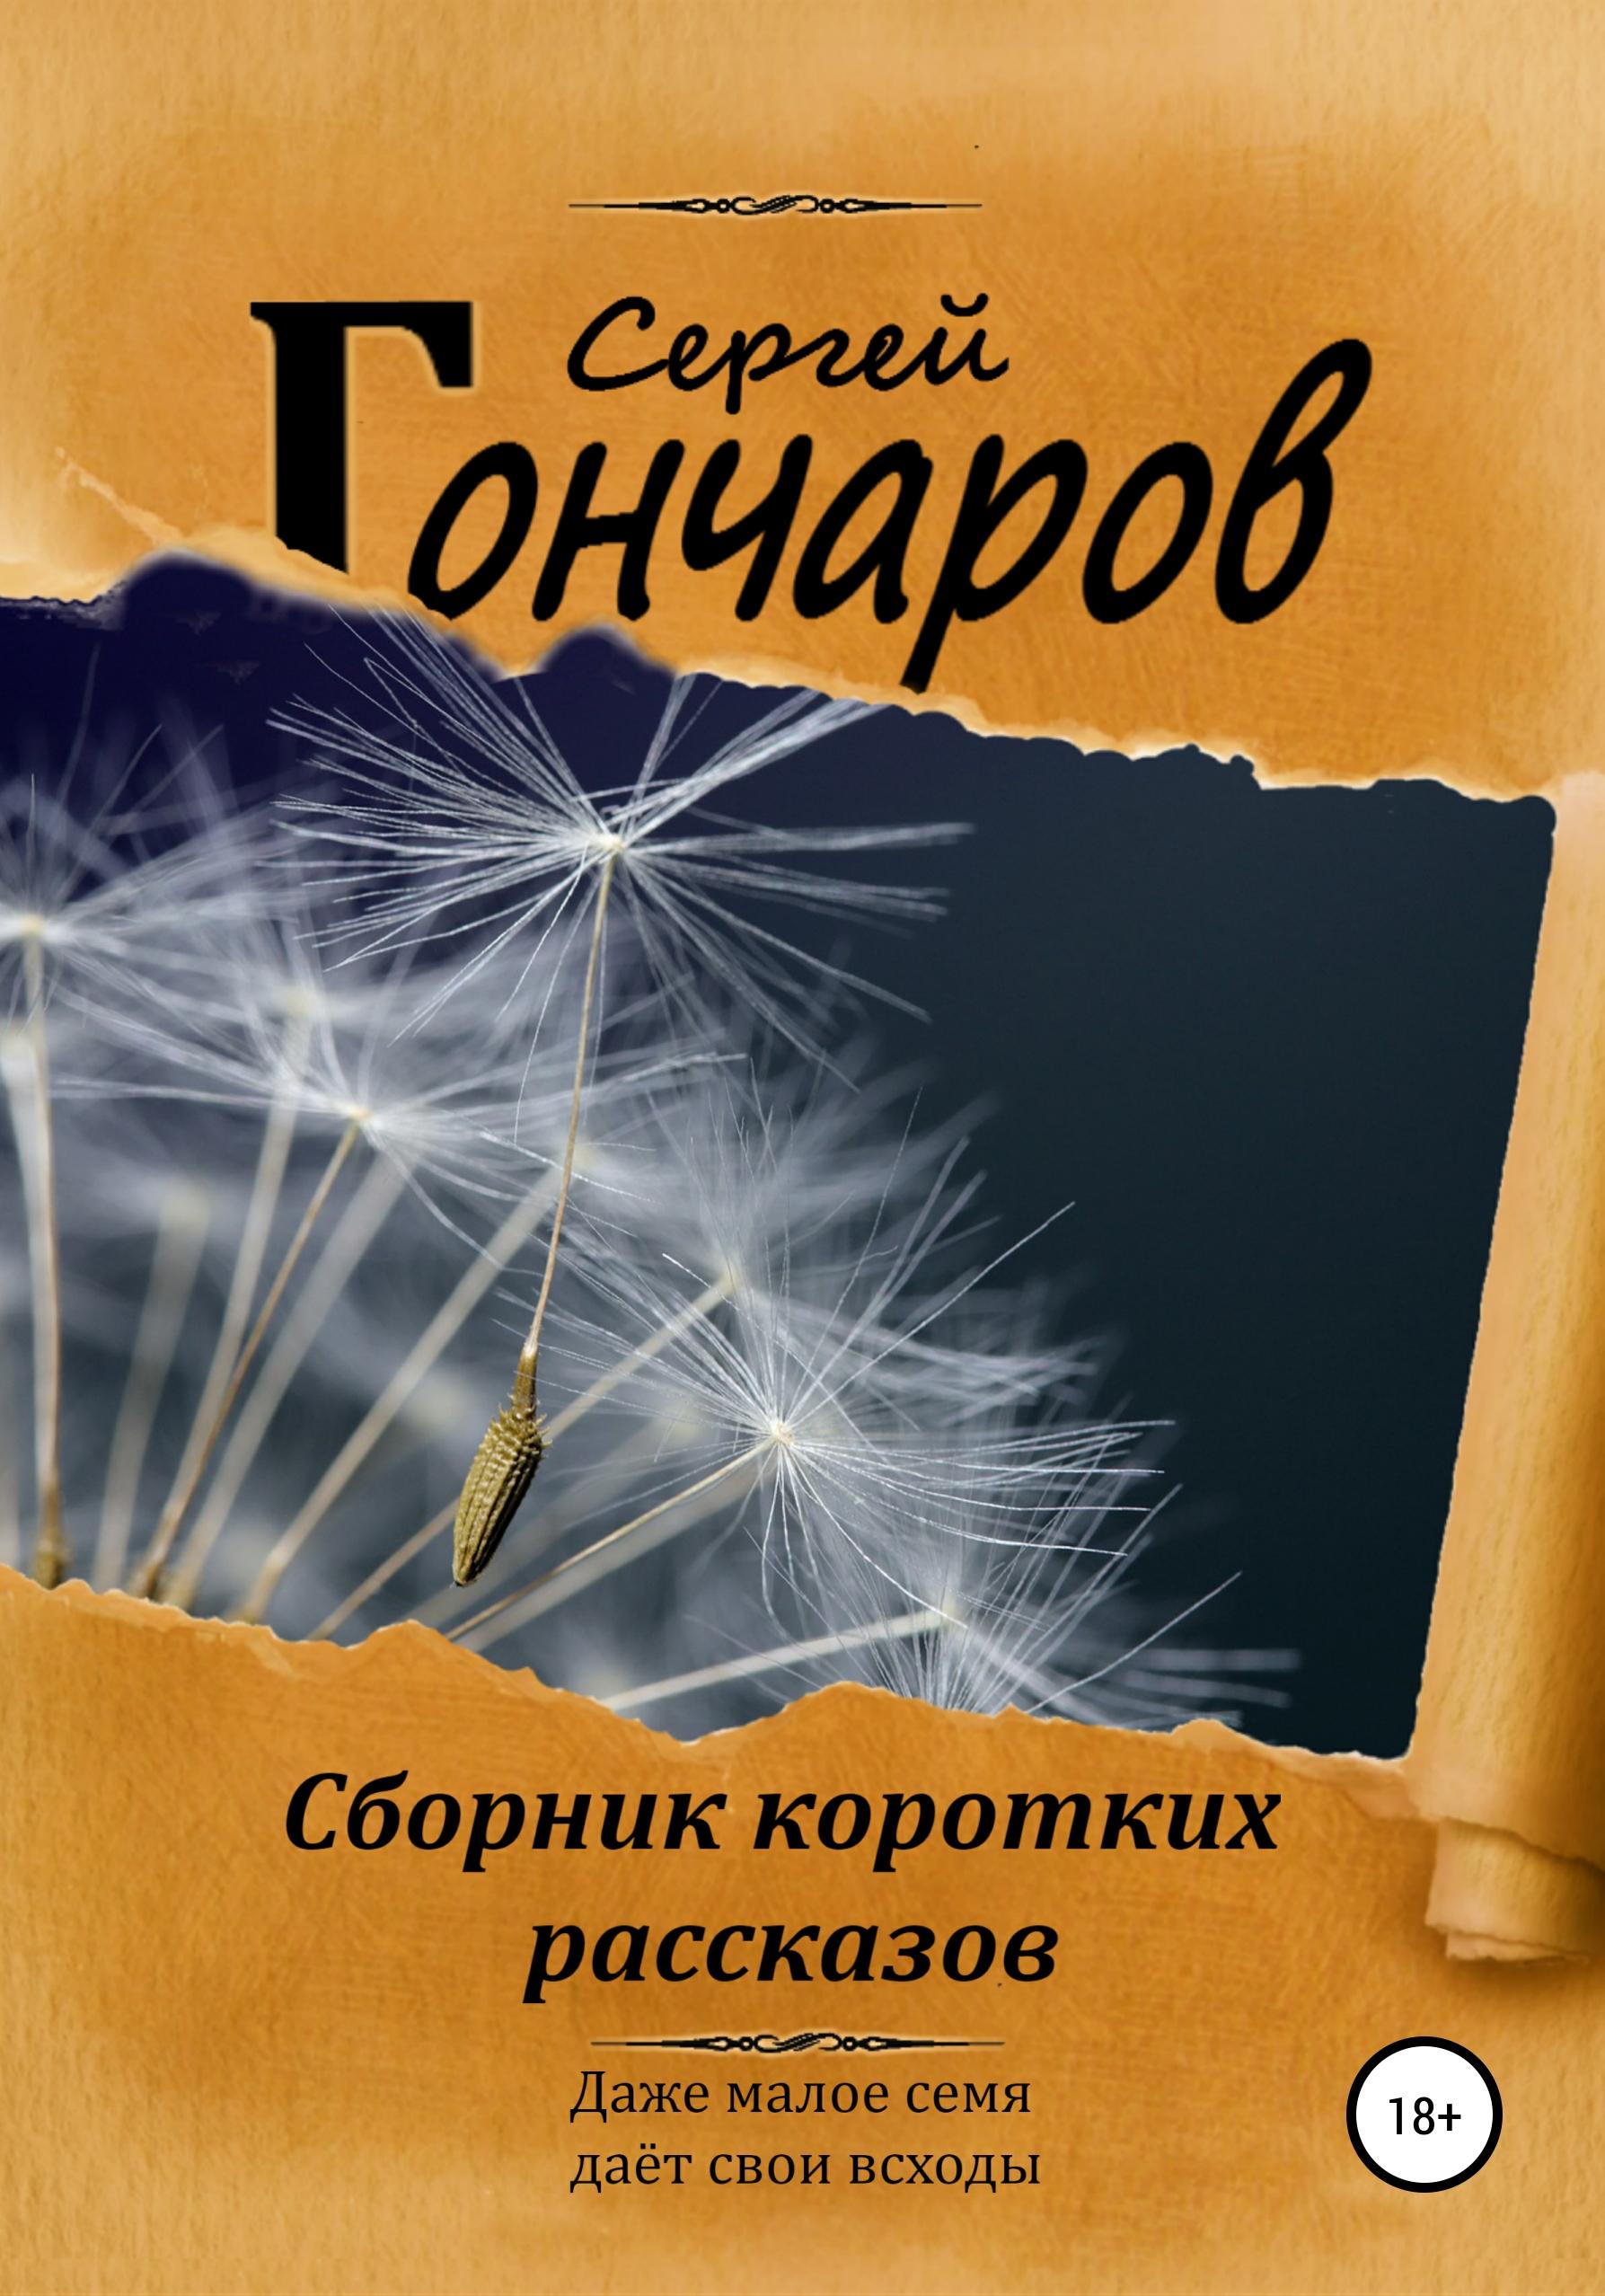 Сборник коротких рассказов